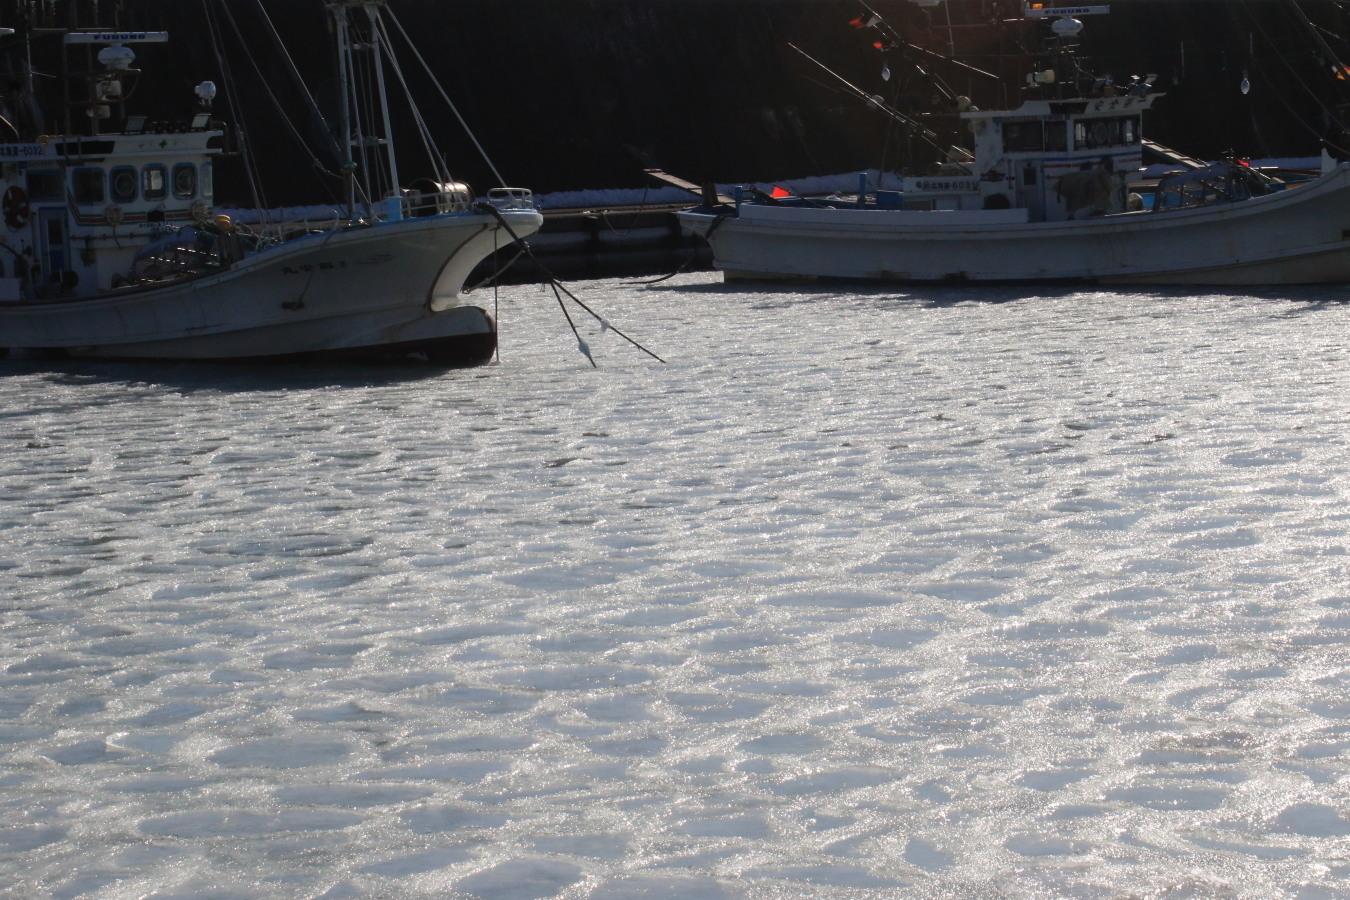 蓮葉氷 日高の漁港で2/11_c0360399_10171981.jpg